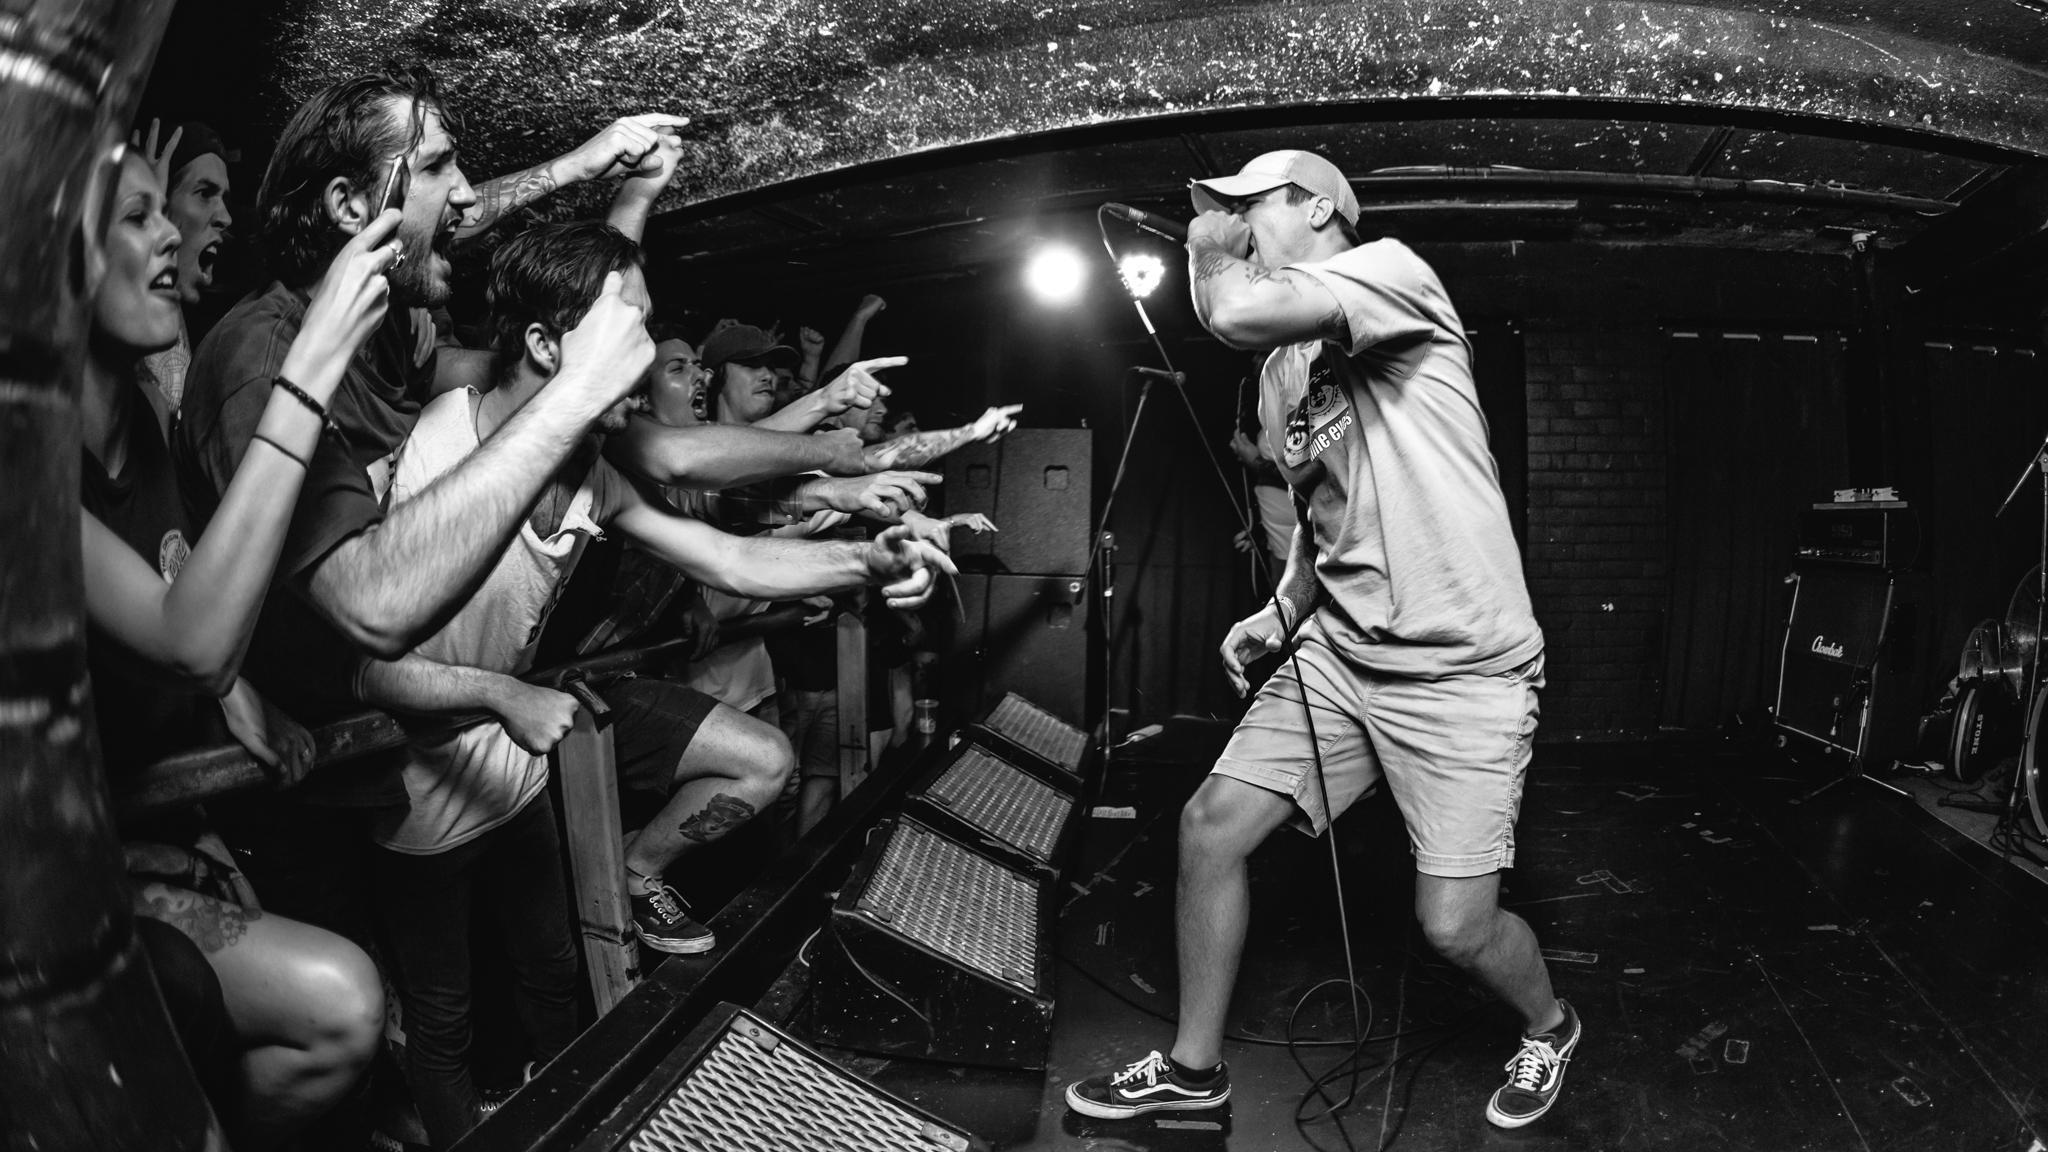 Mitch Lowe Photo - Crowbar - Expire-10.jpg